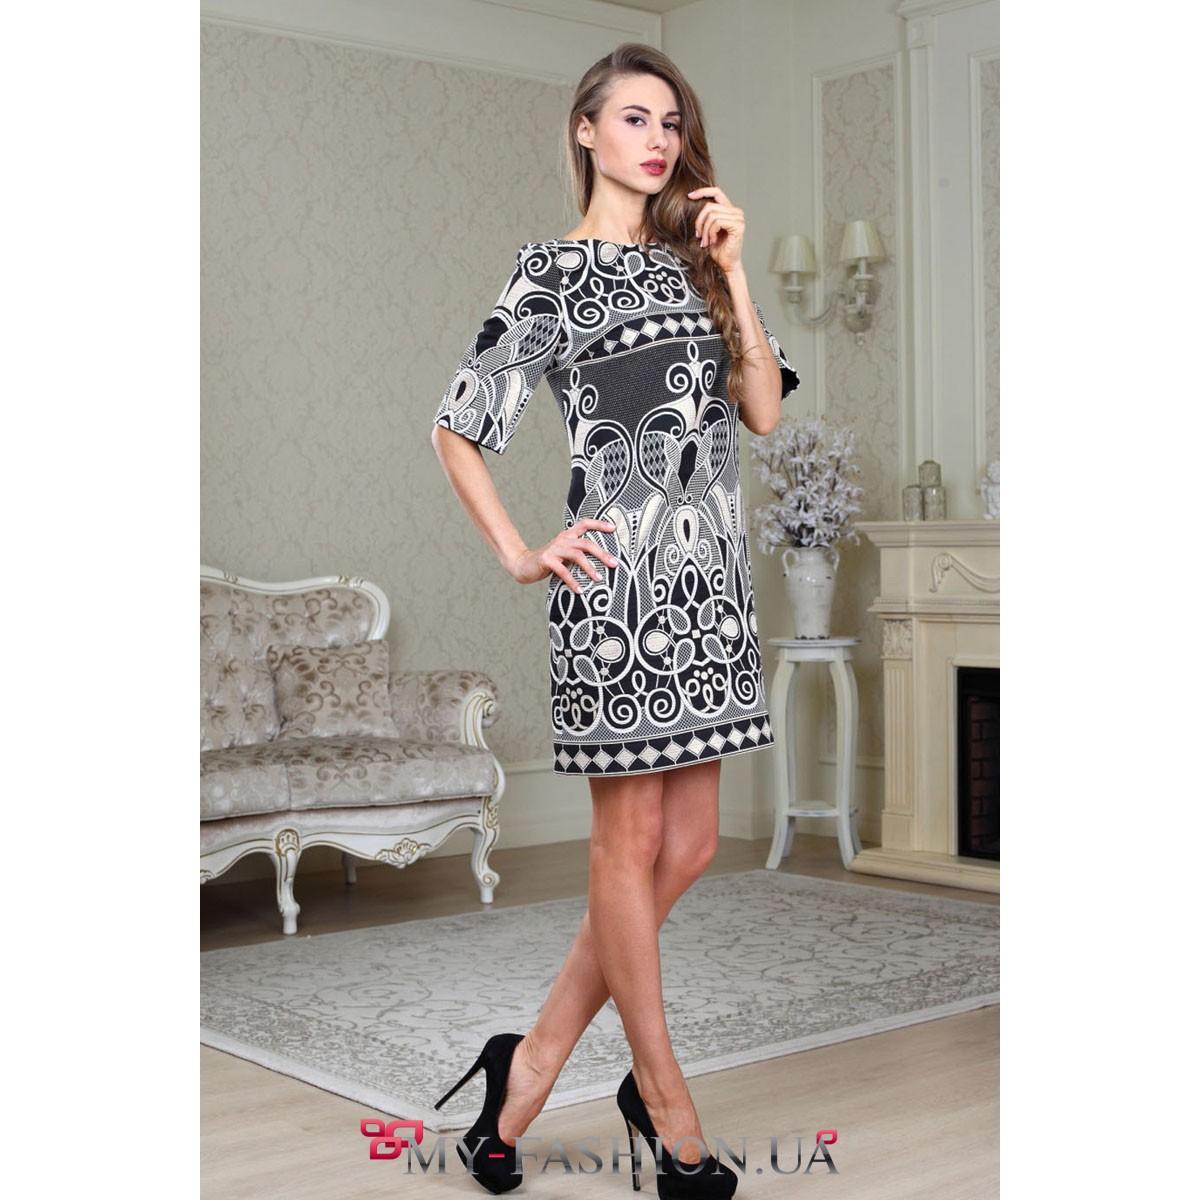 Оригинальные черно-белые платья